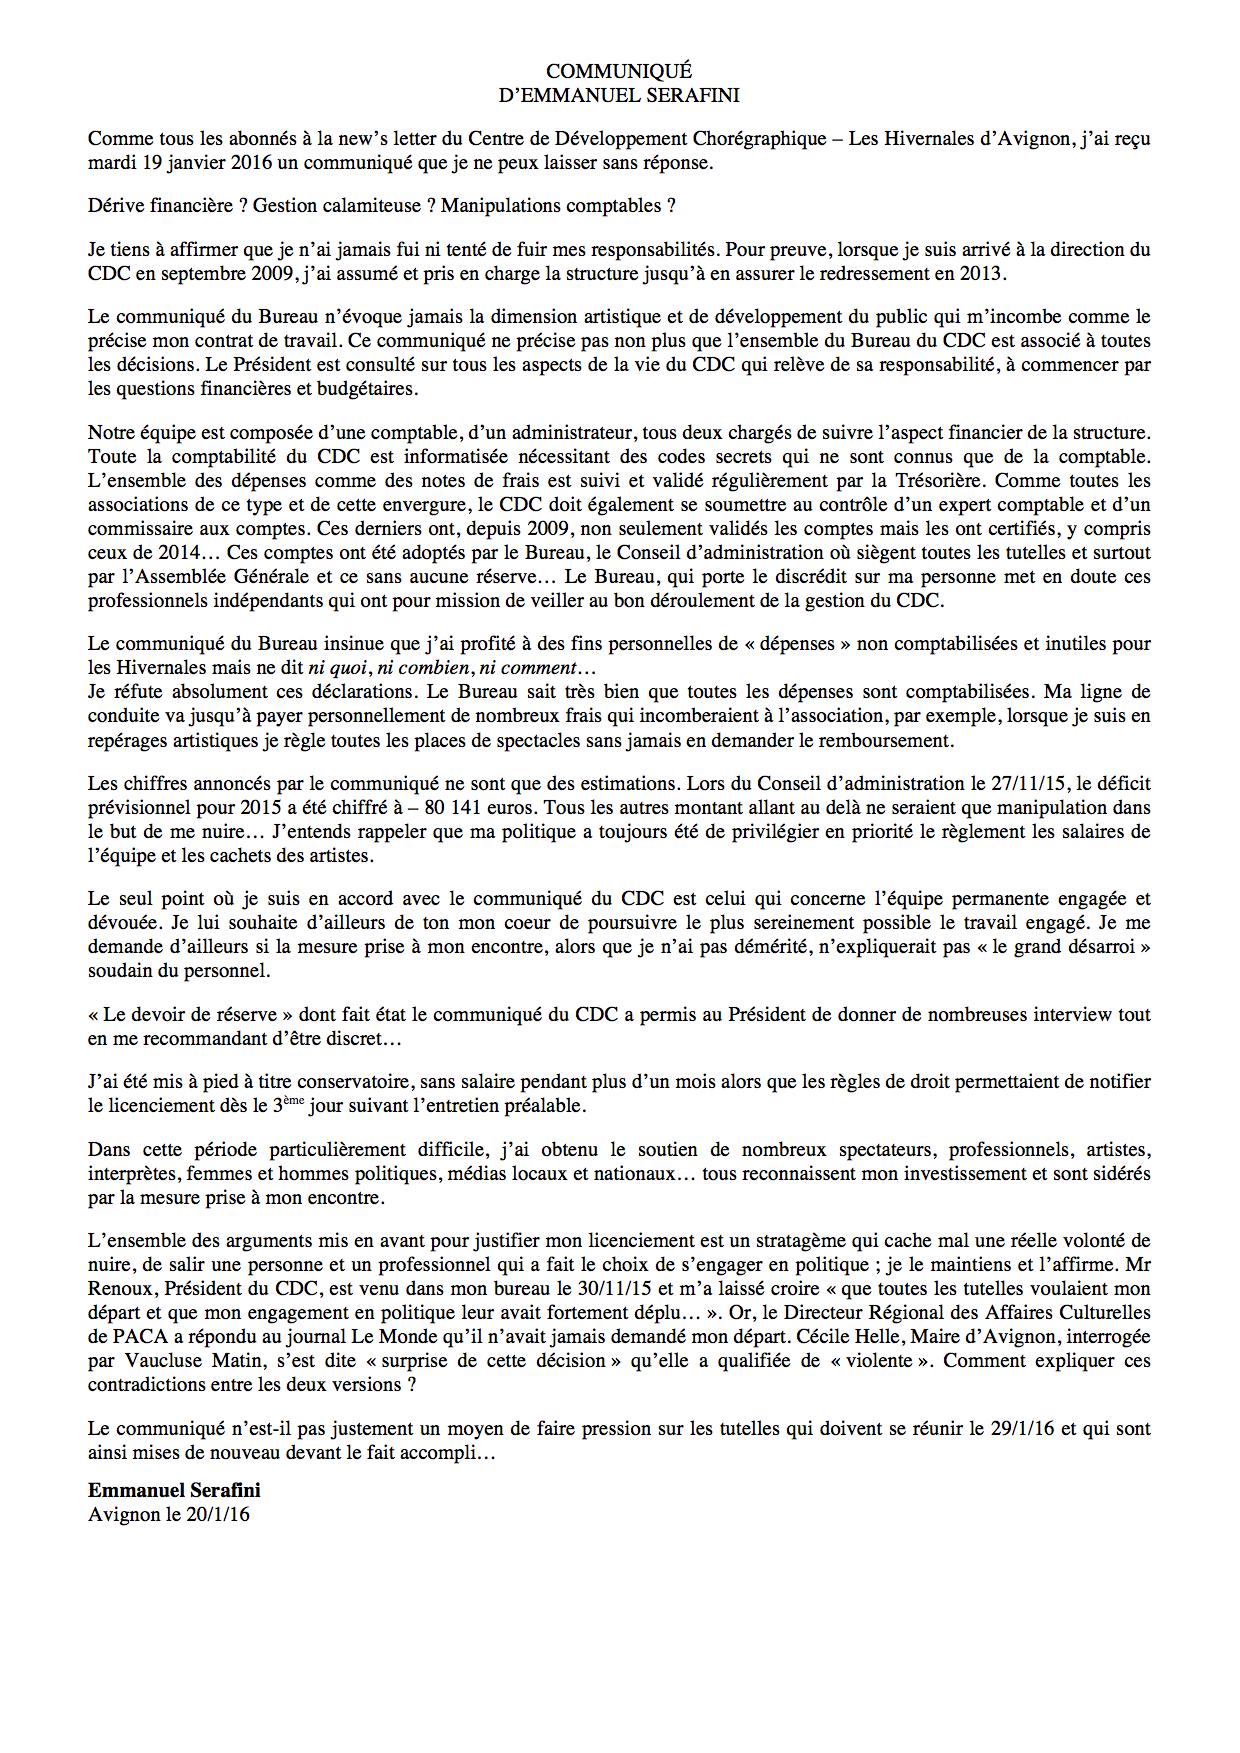 Emmanuel Serafini, communiqué du 20 janvier 2016